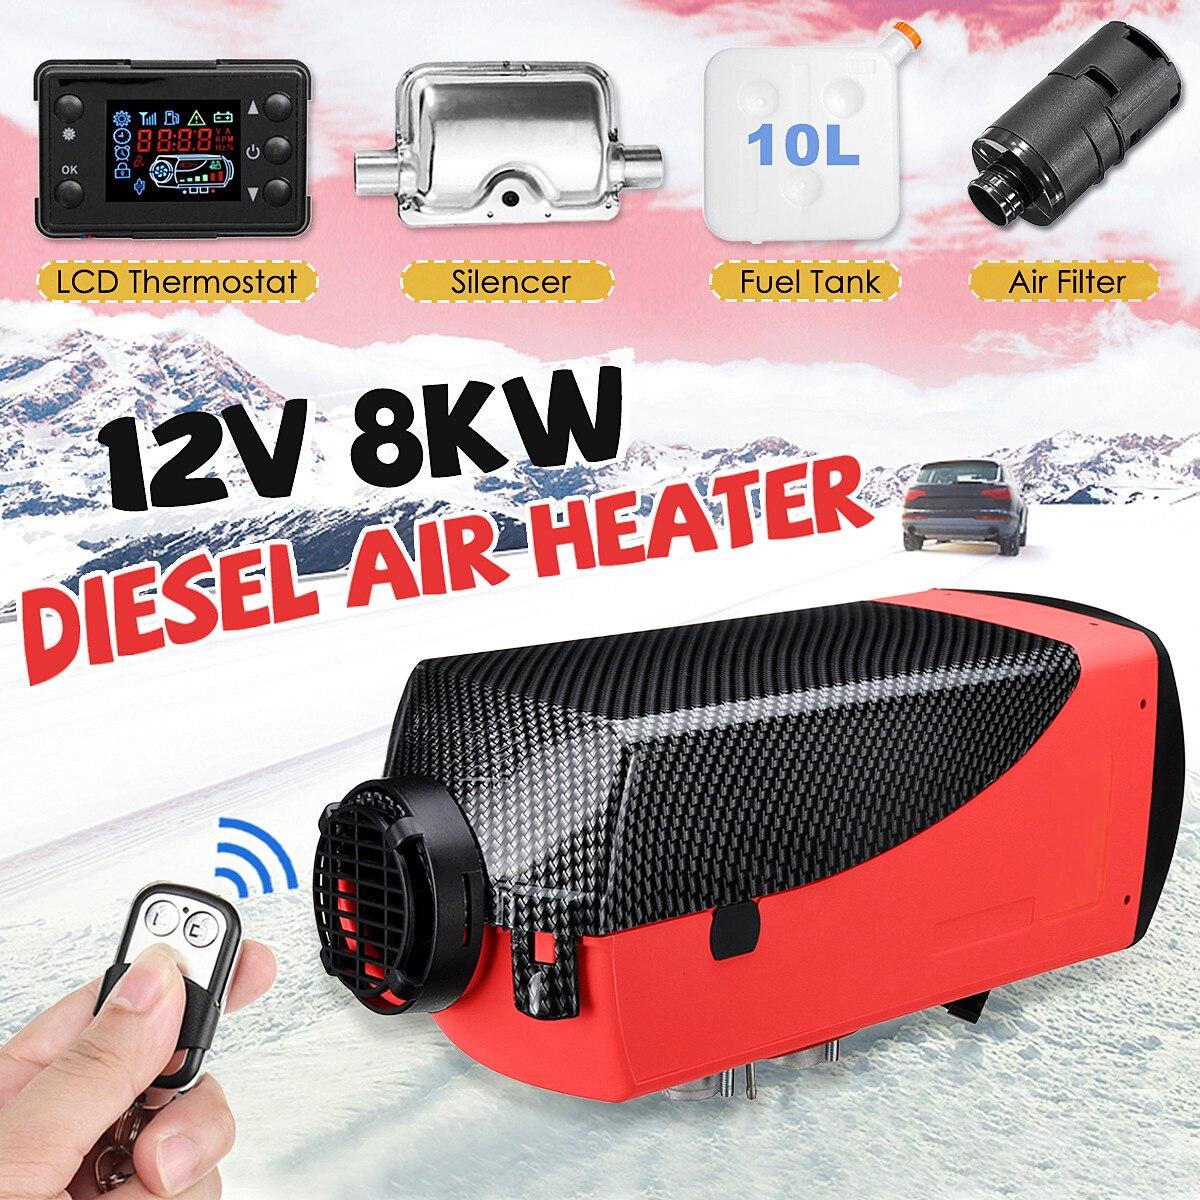 Chauffage de la voiture 8KW 12 v Air Diesels Chauffe Parking Chauffe-Avec Télécommande LCD Moniteur Pour RV, camping-car Remorque, Camions, Bateaux